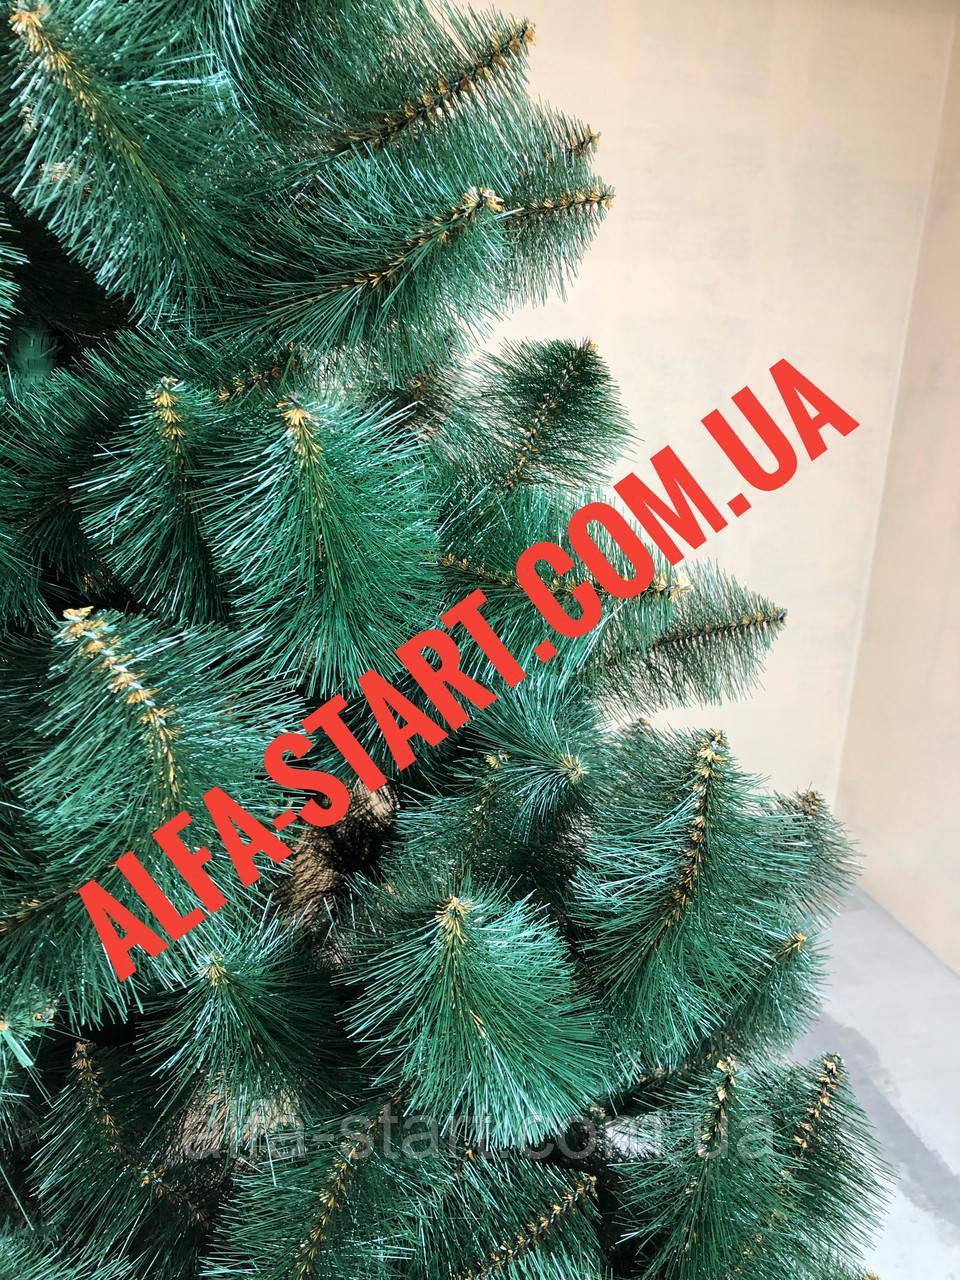 Штучна зелена пухнаста ялинка новорічна сосна Мікс зі світлими і темними голками